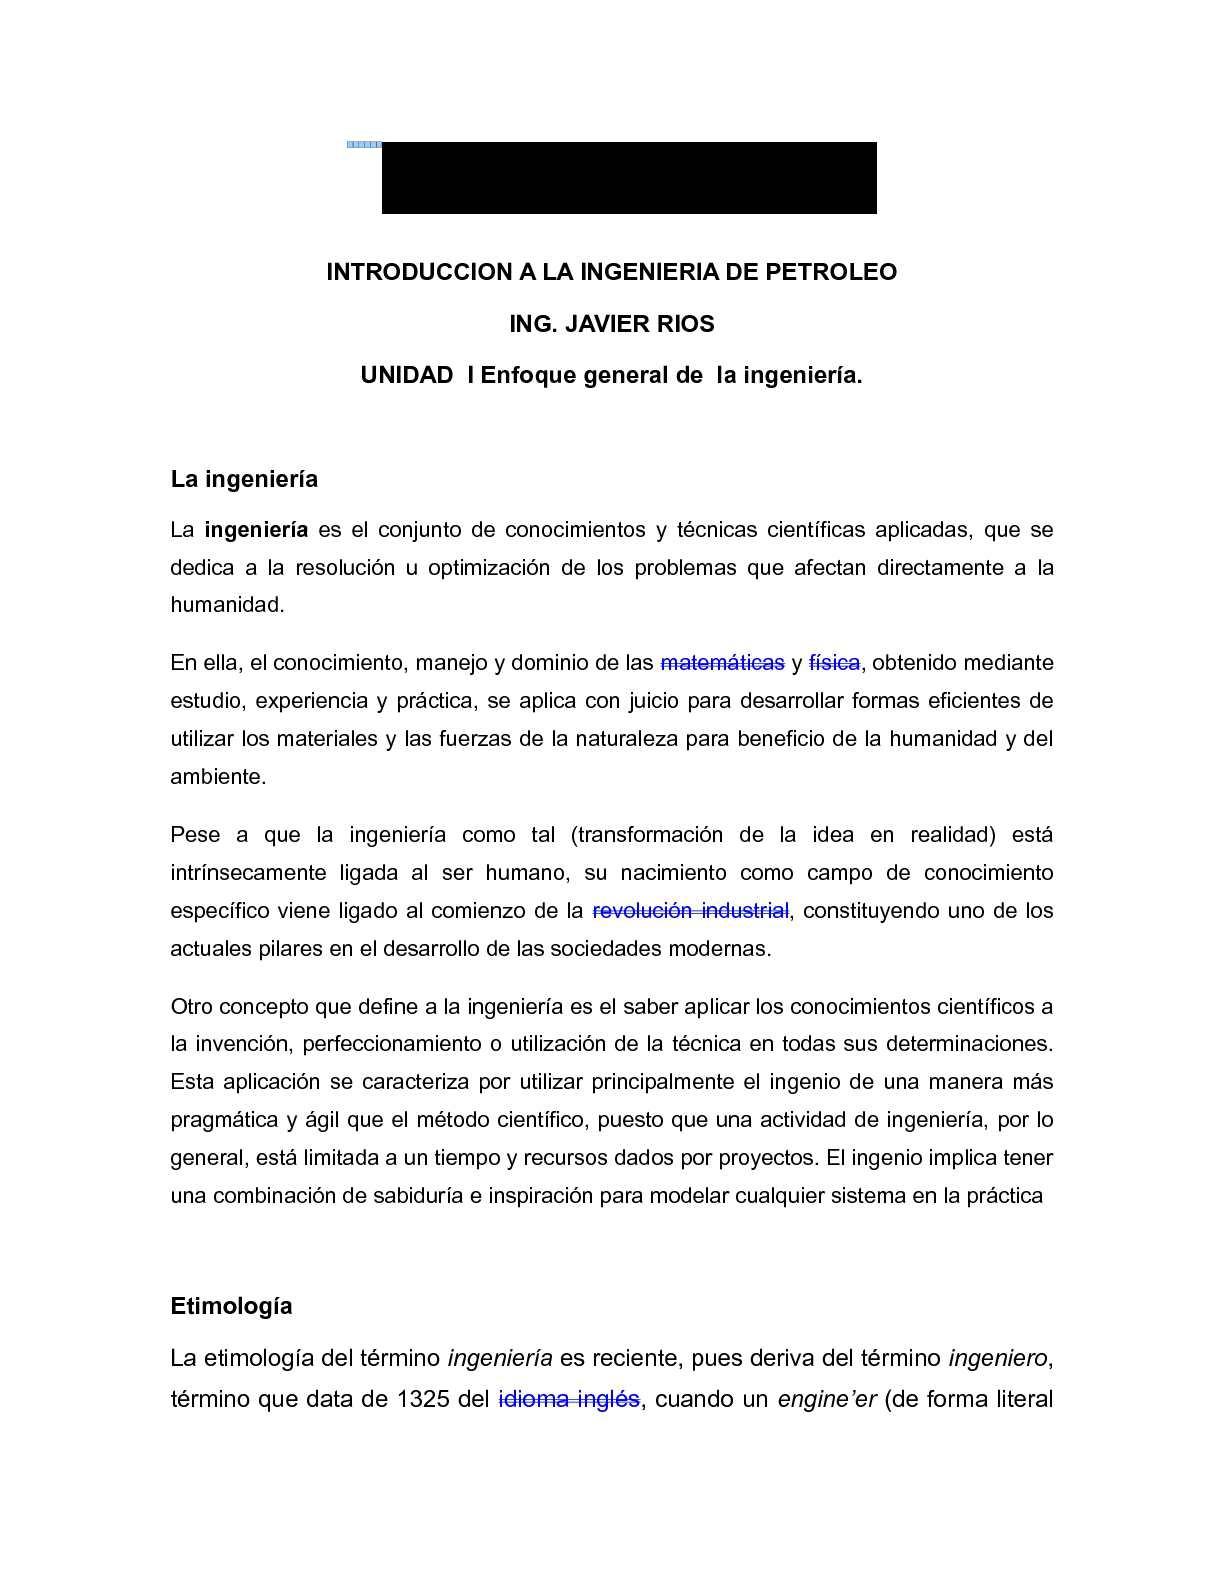 Calaméo - Introduccion a la Ingenieria en Petroleo. UNIDAD I Y II